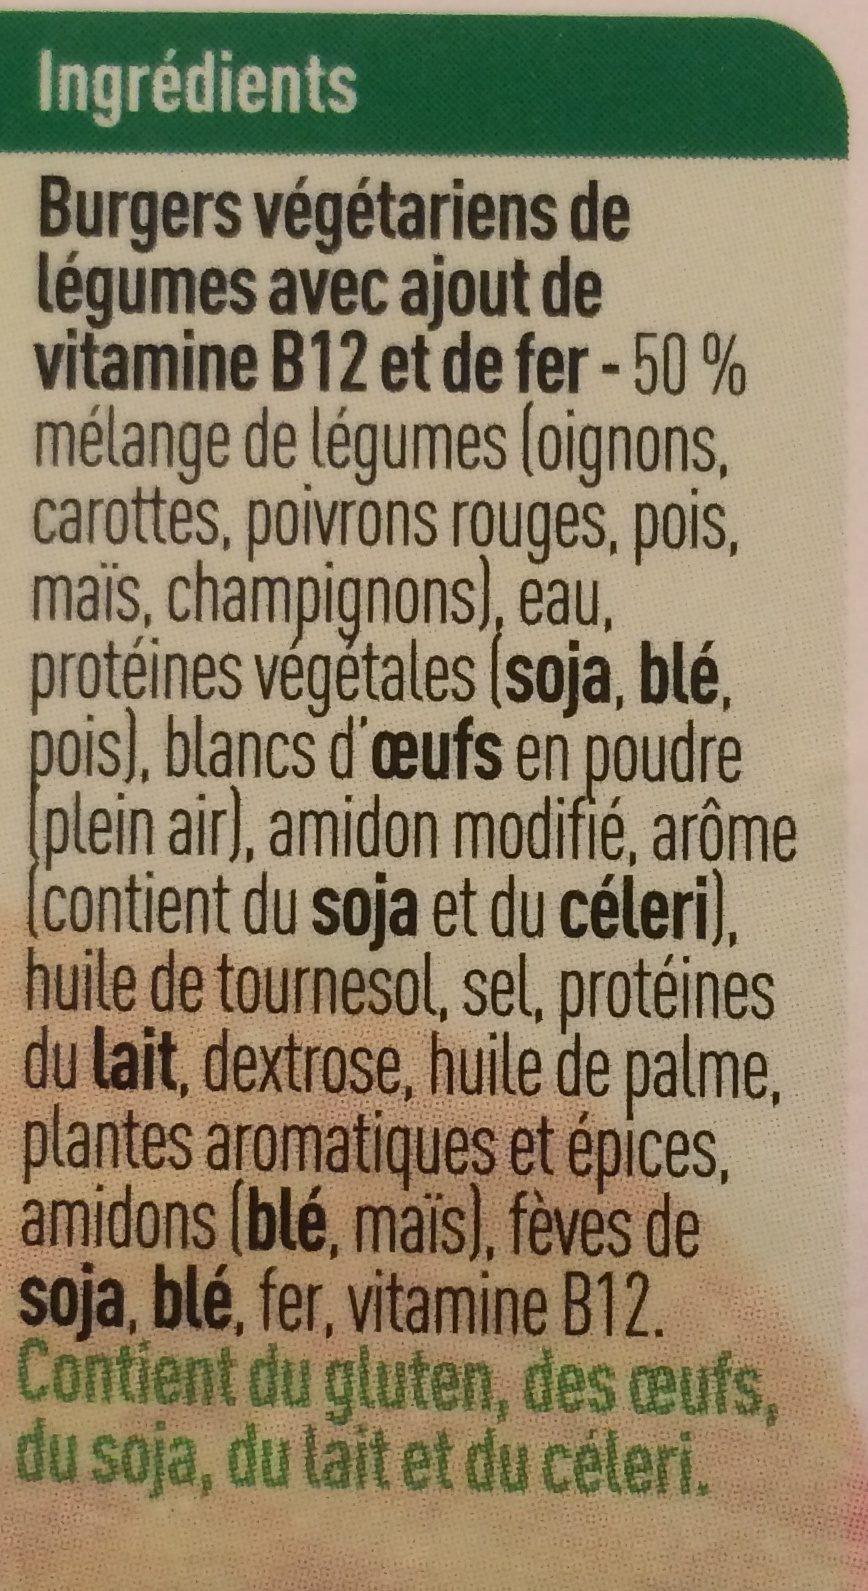 Burgers de legumes - Ingredients